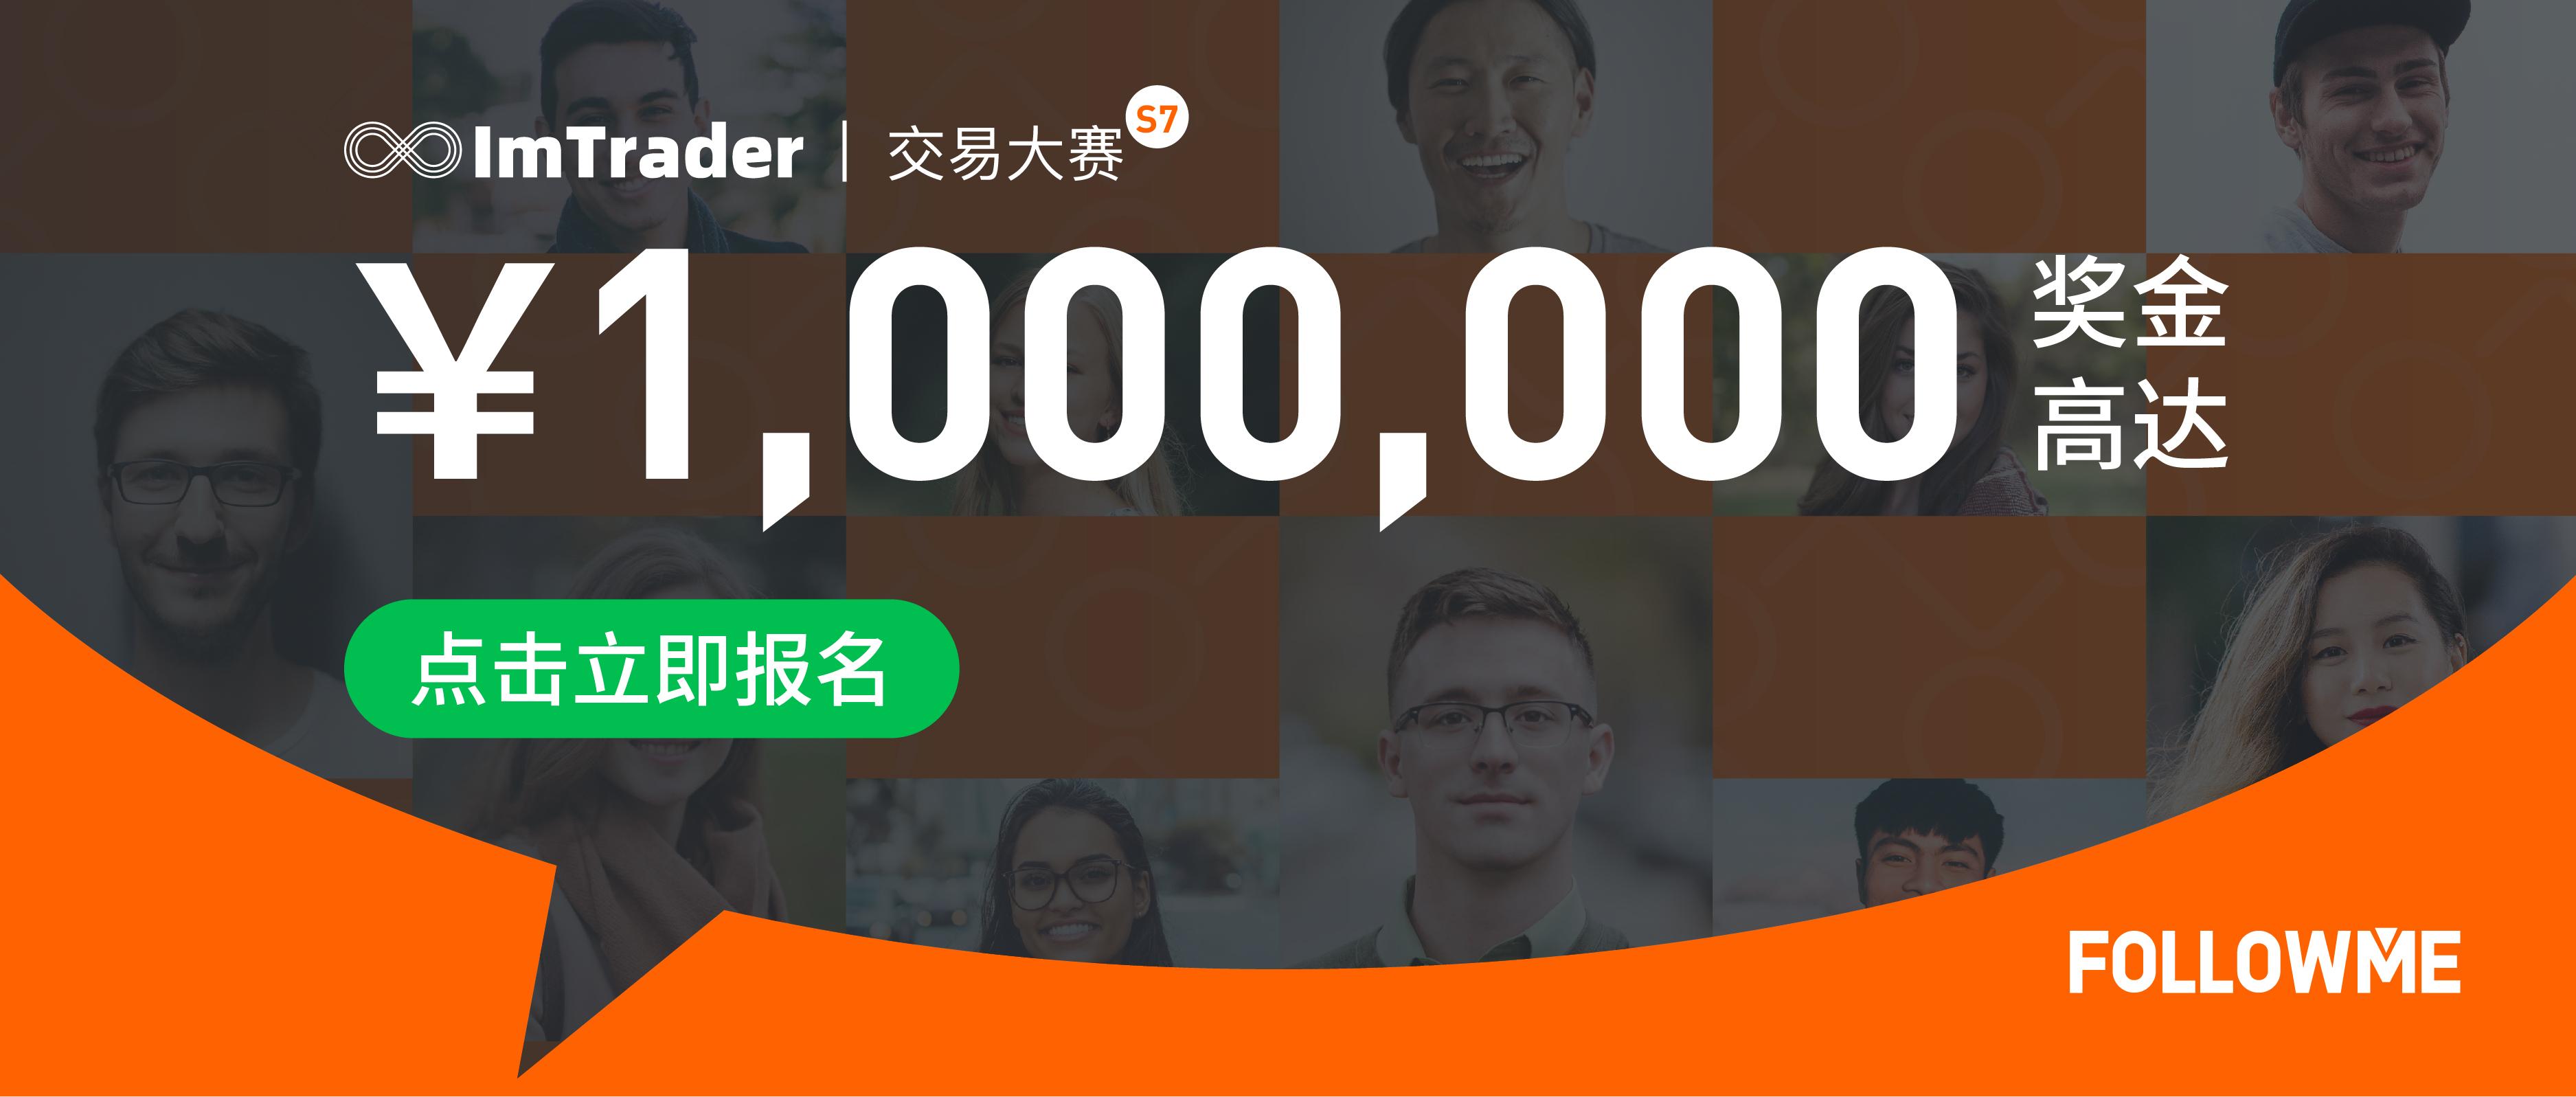 开始报名!行业超大规模交易赛事,抢先获得100万奖金资格!